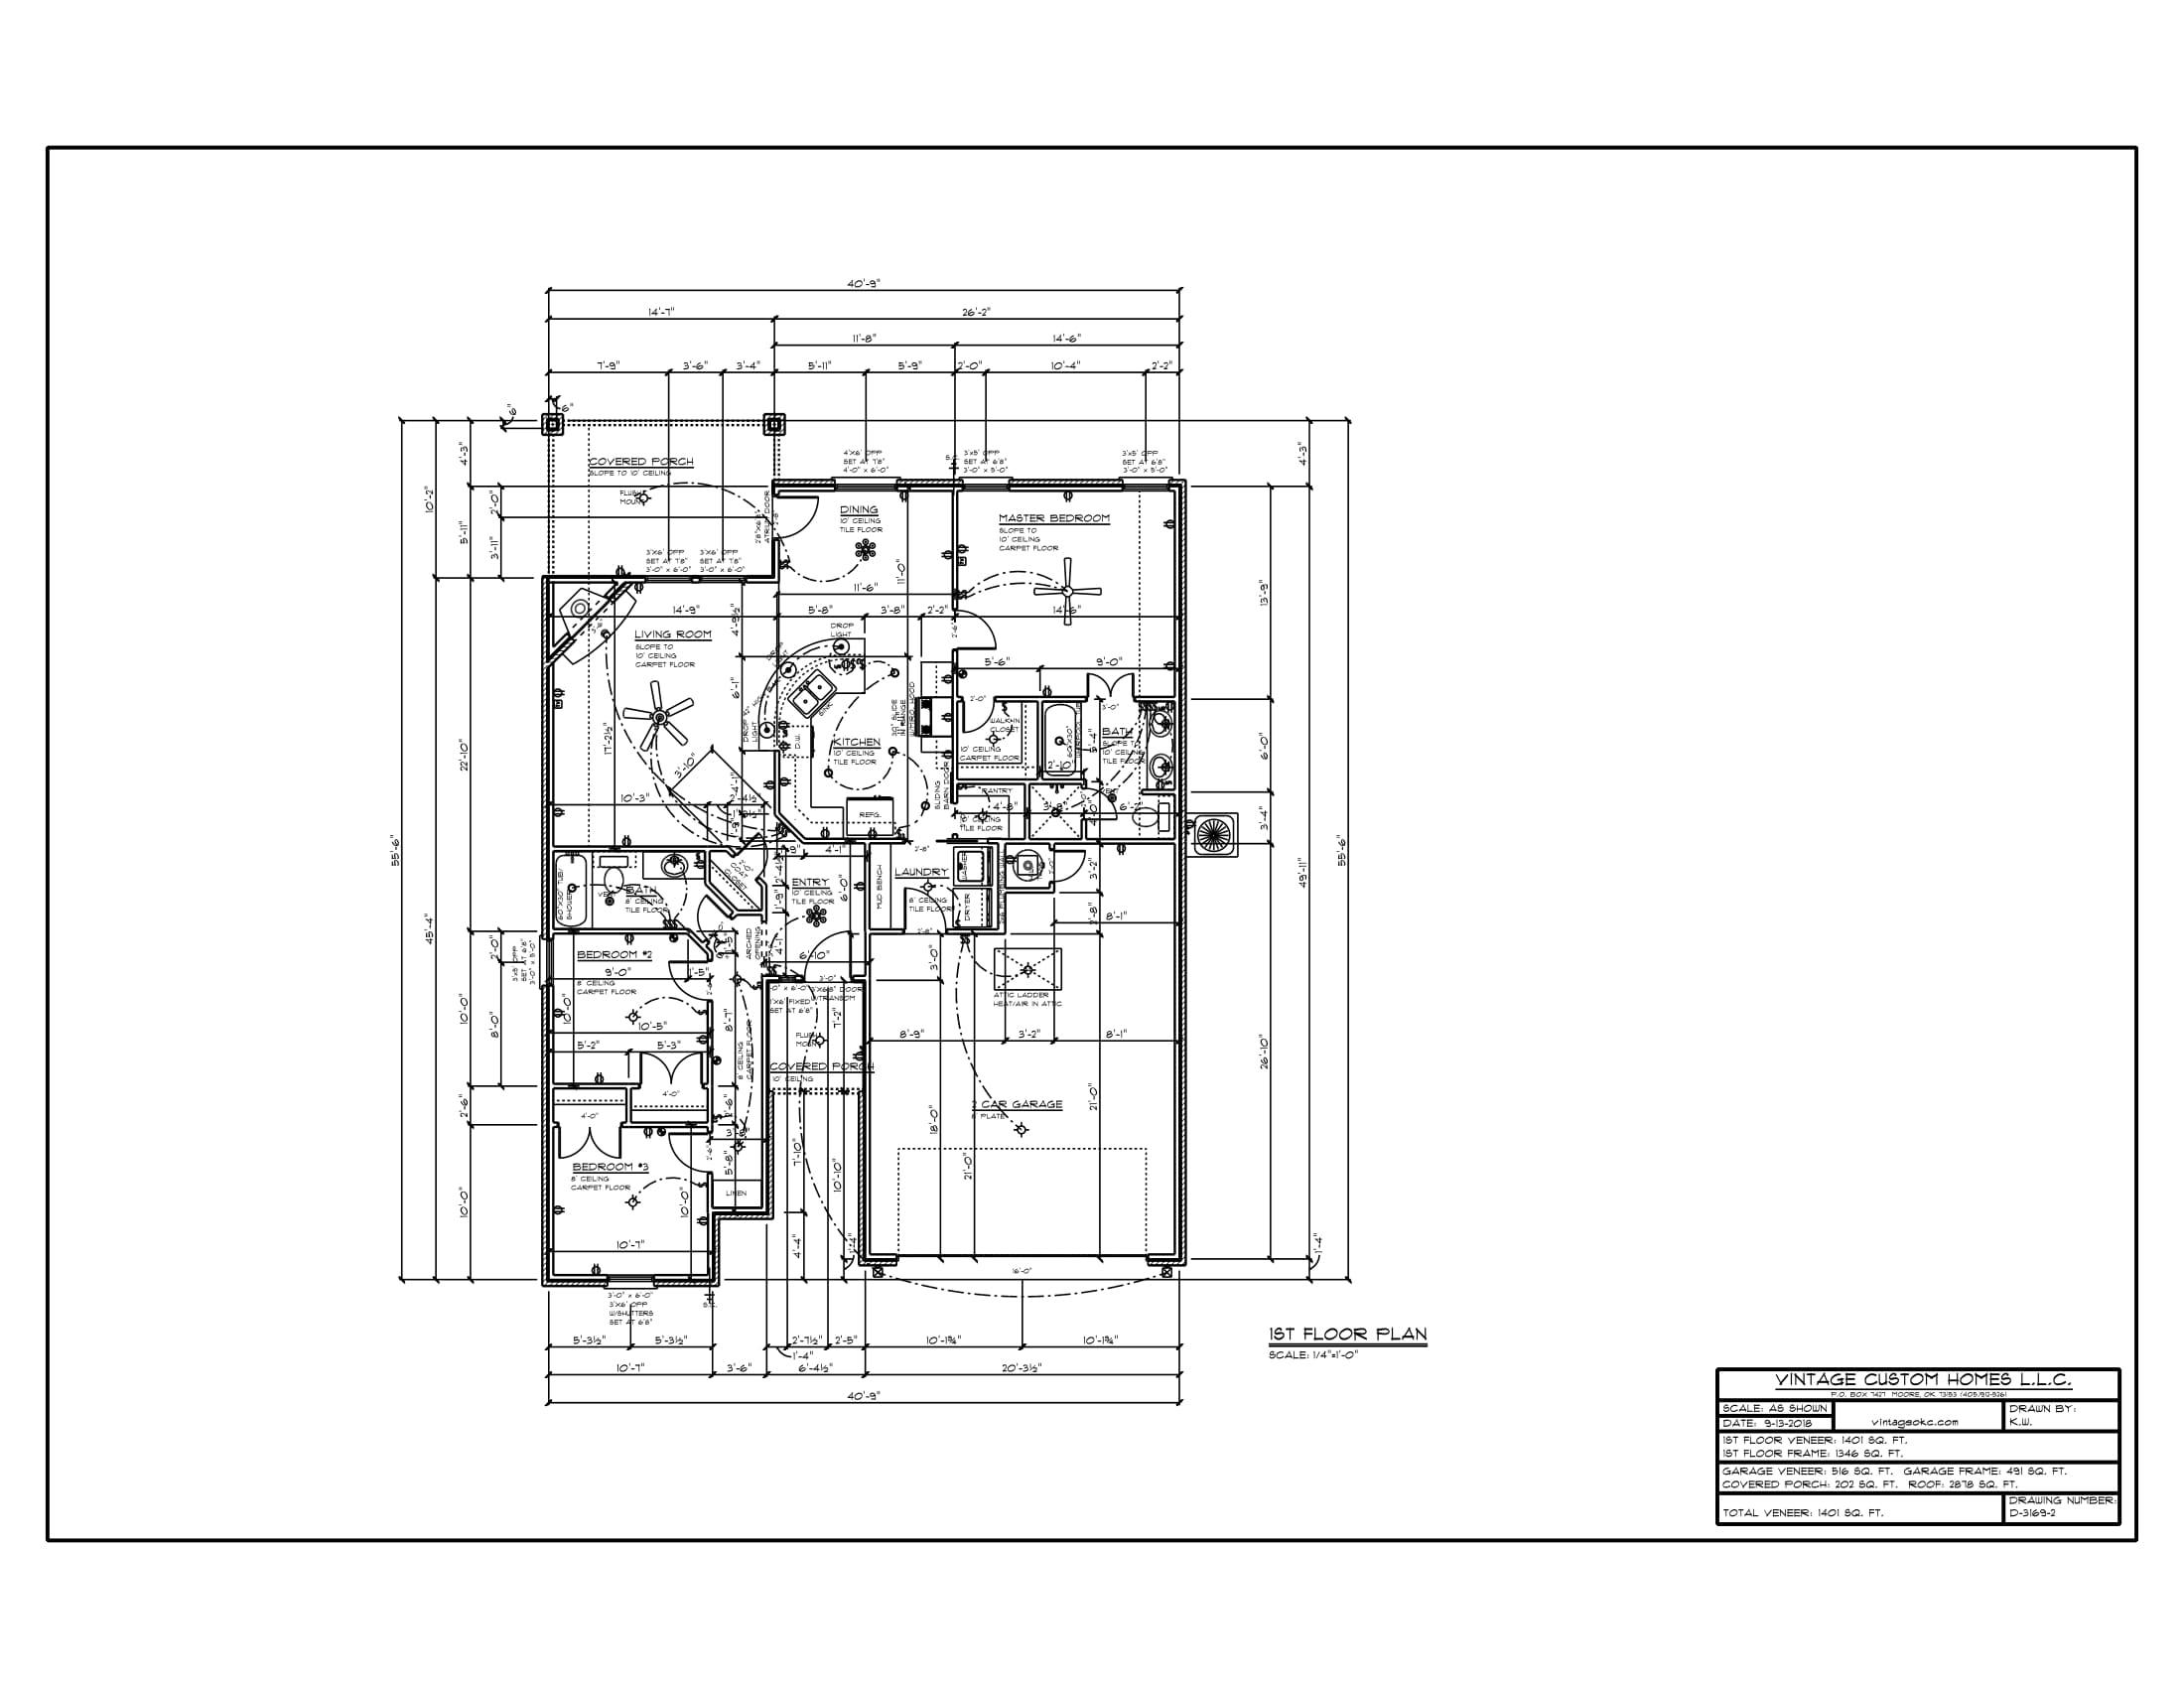 Floor Plan # D-3169-2 1401 sqft